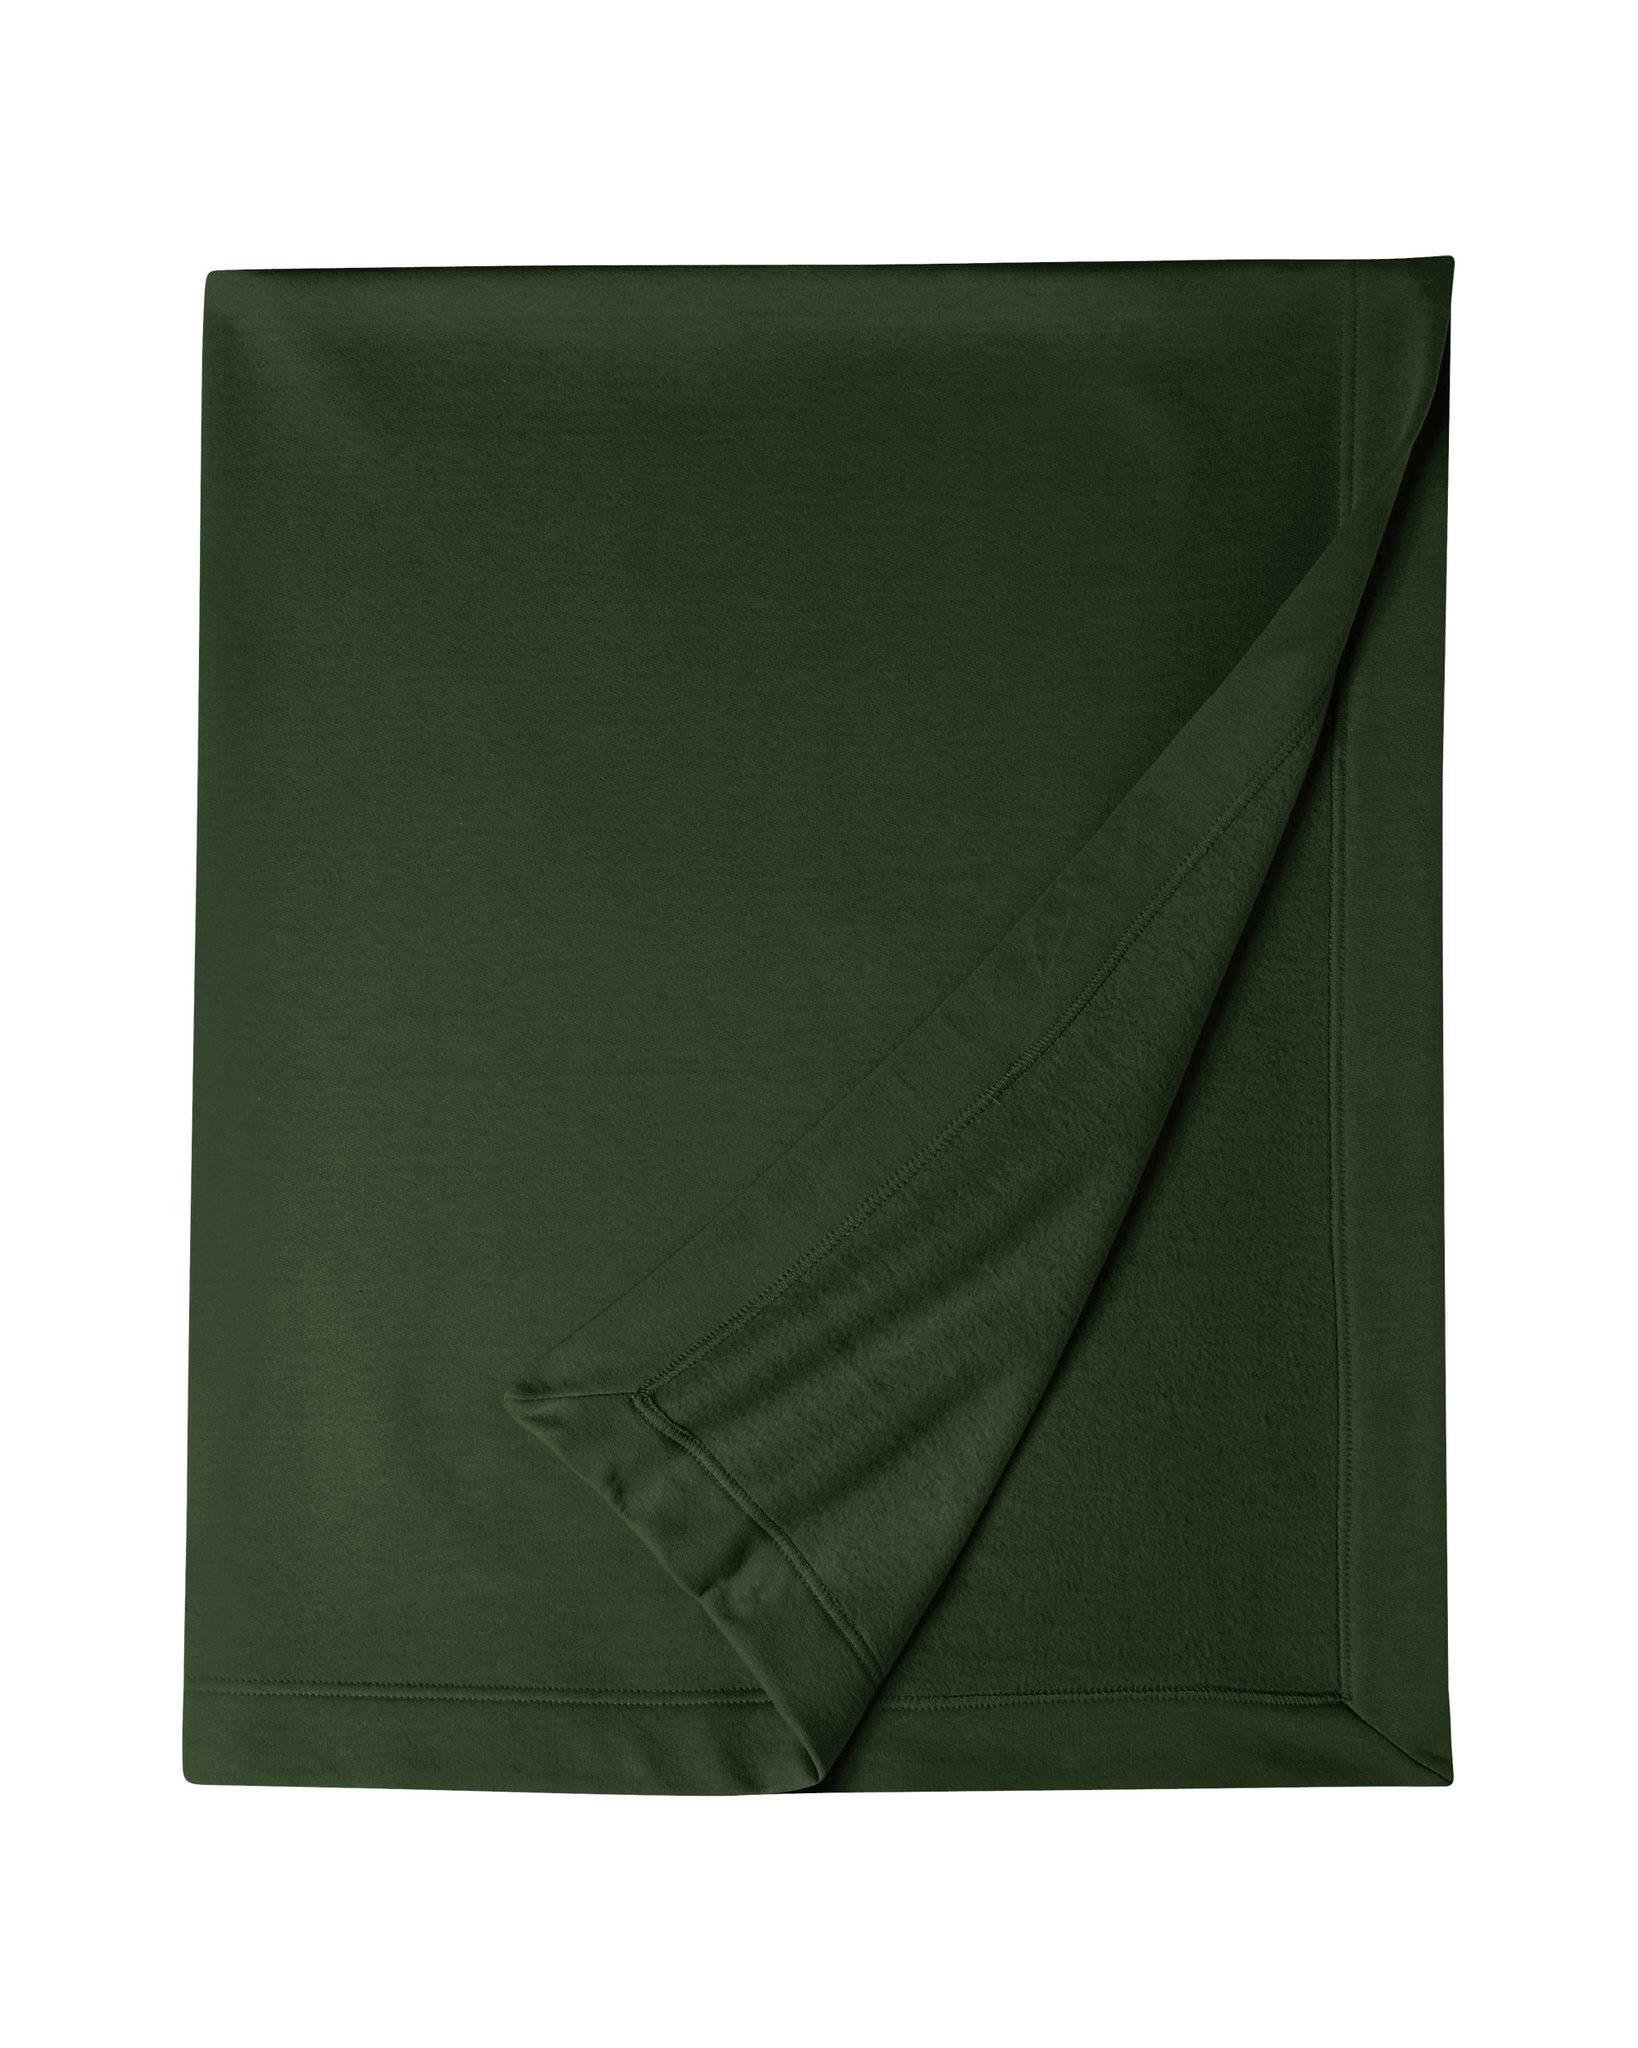 Plaid personnalisable Dryblend Fleece - plaid promotionnel